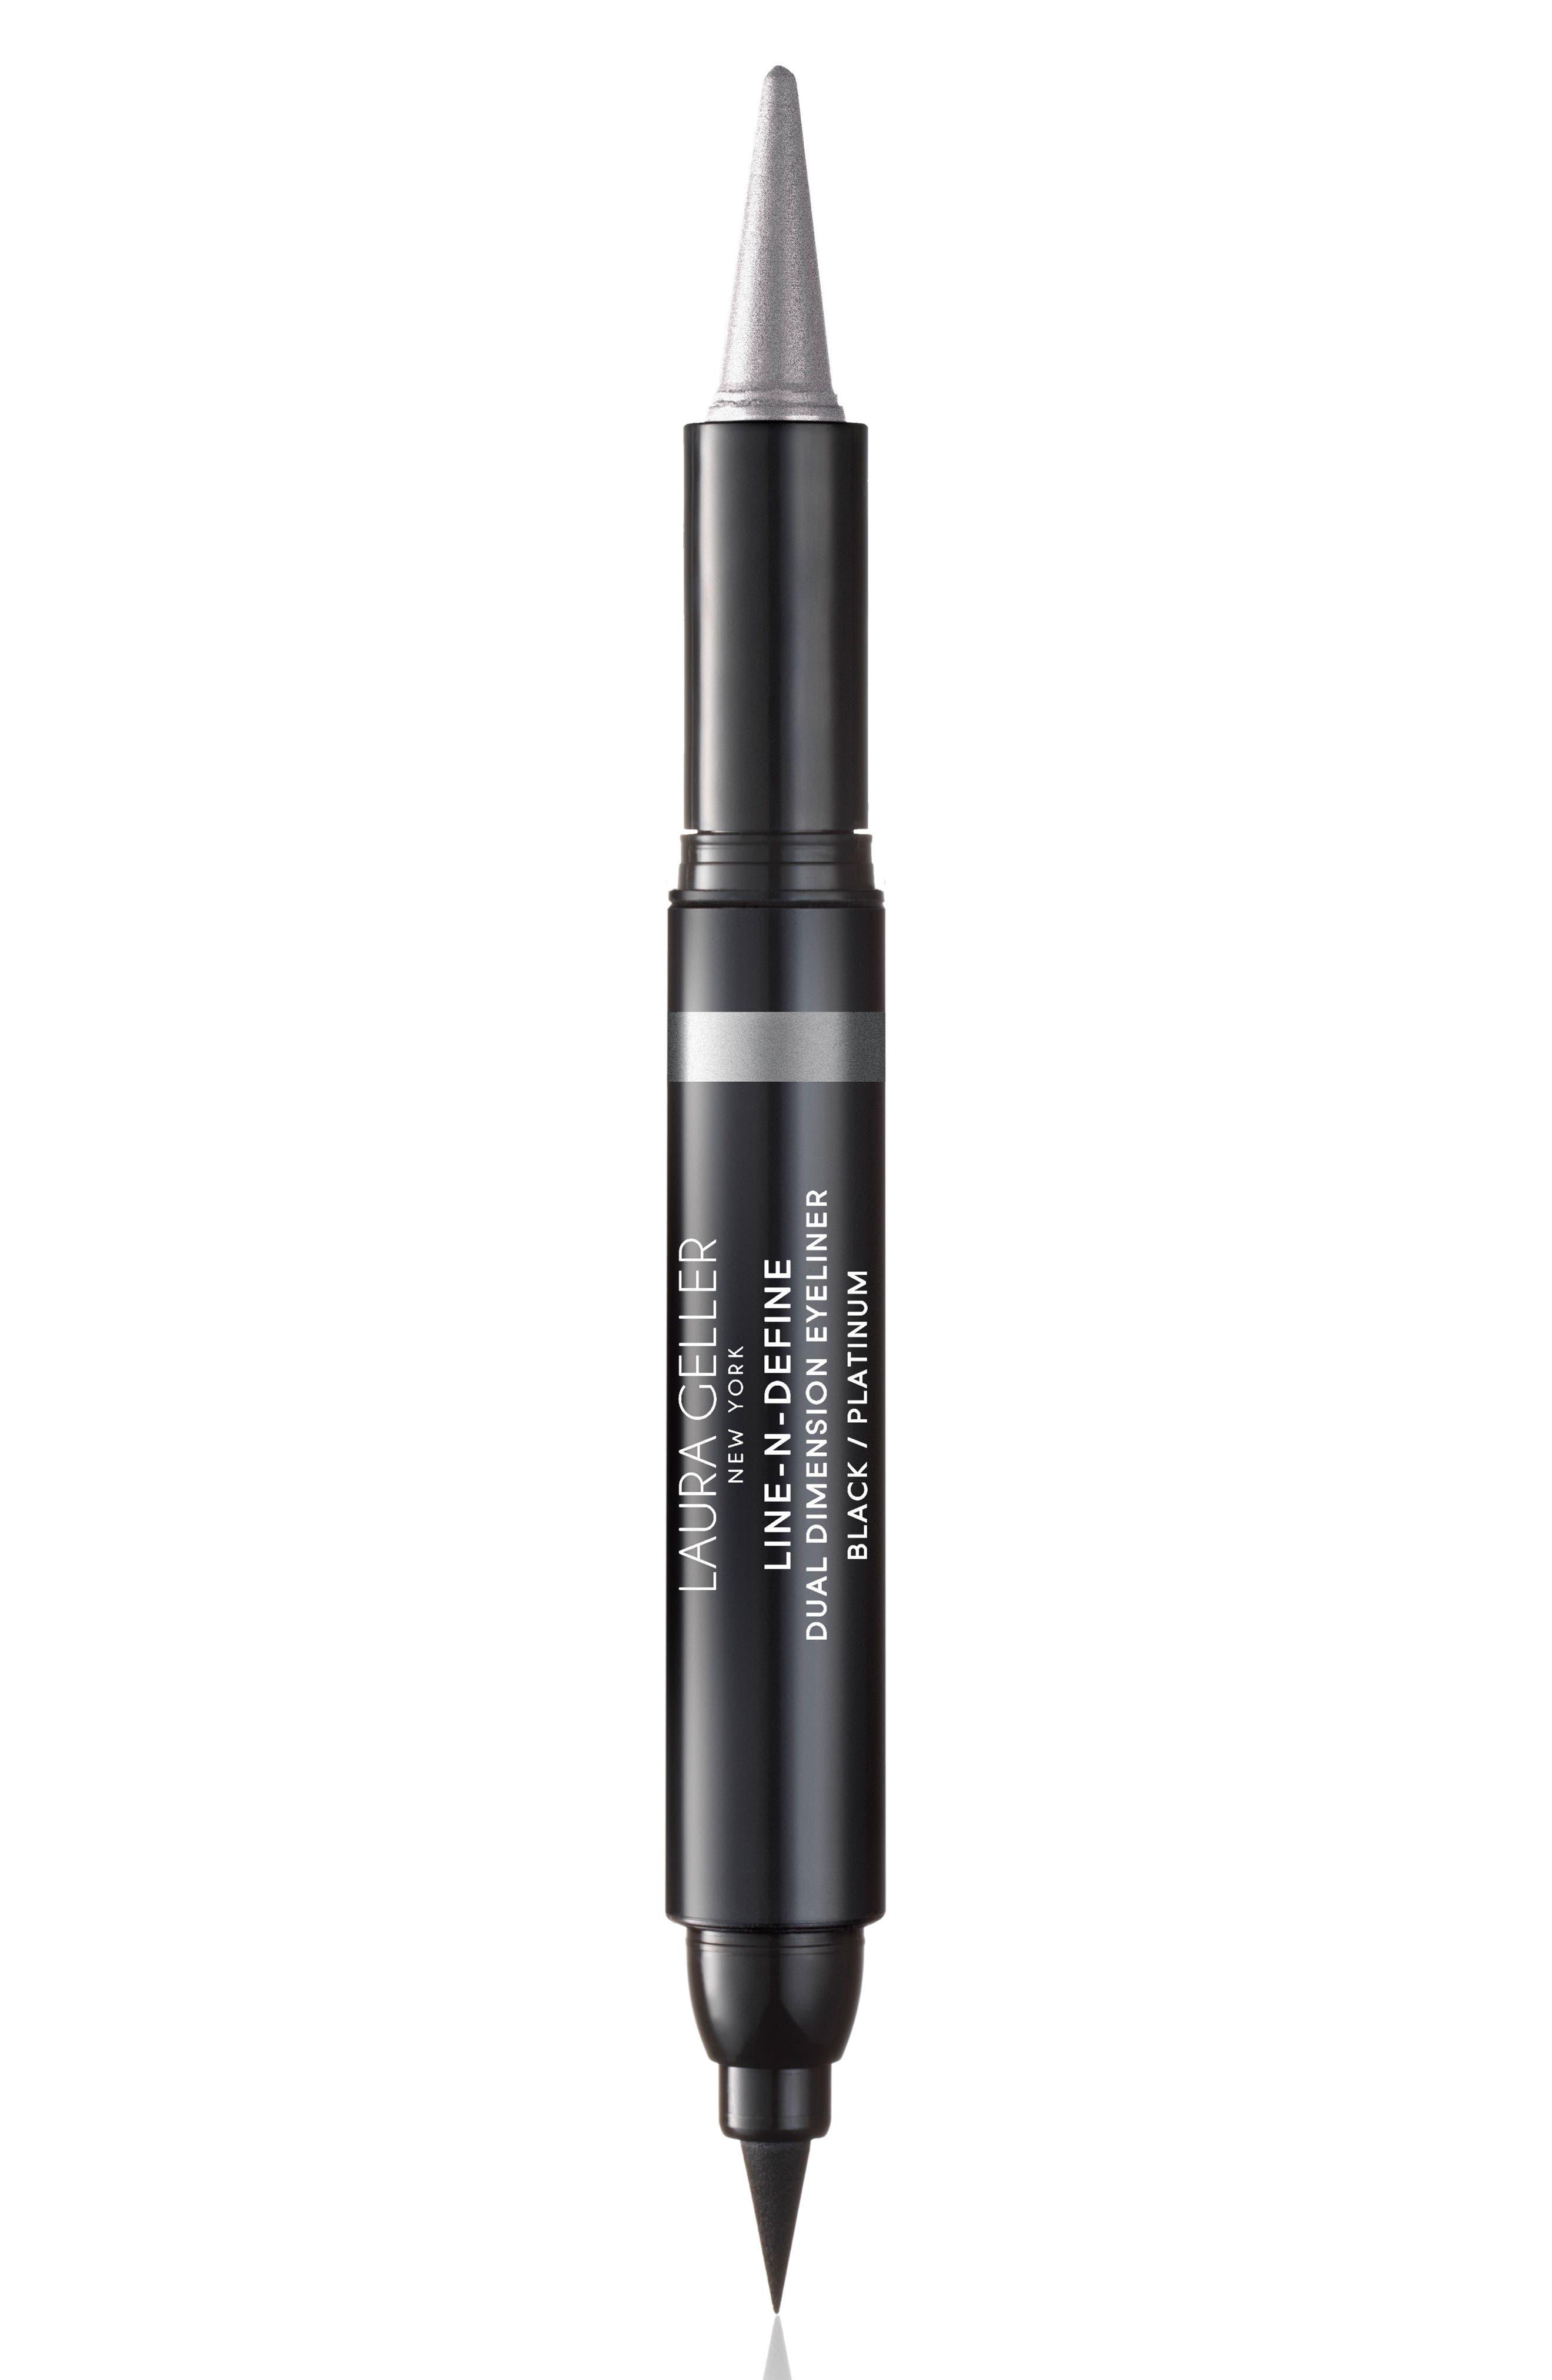 Laura Geller Beauty Line-N-Define Dual Dimension Eyeliner - Platinum